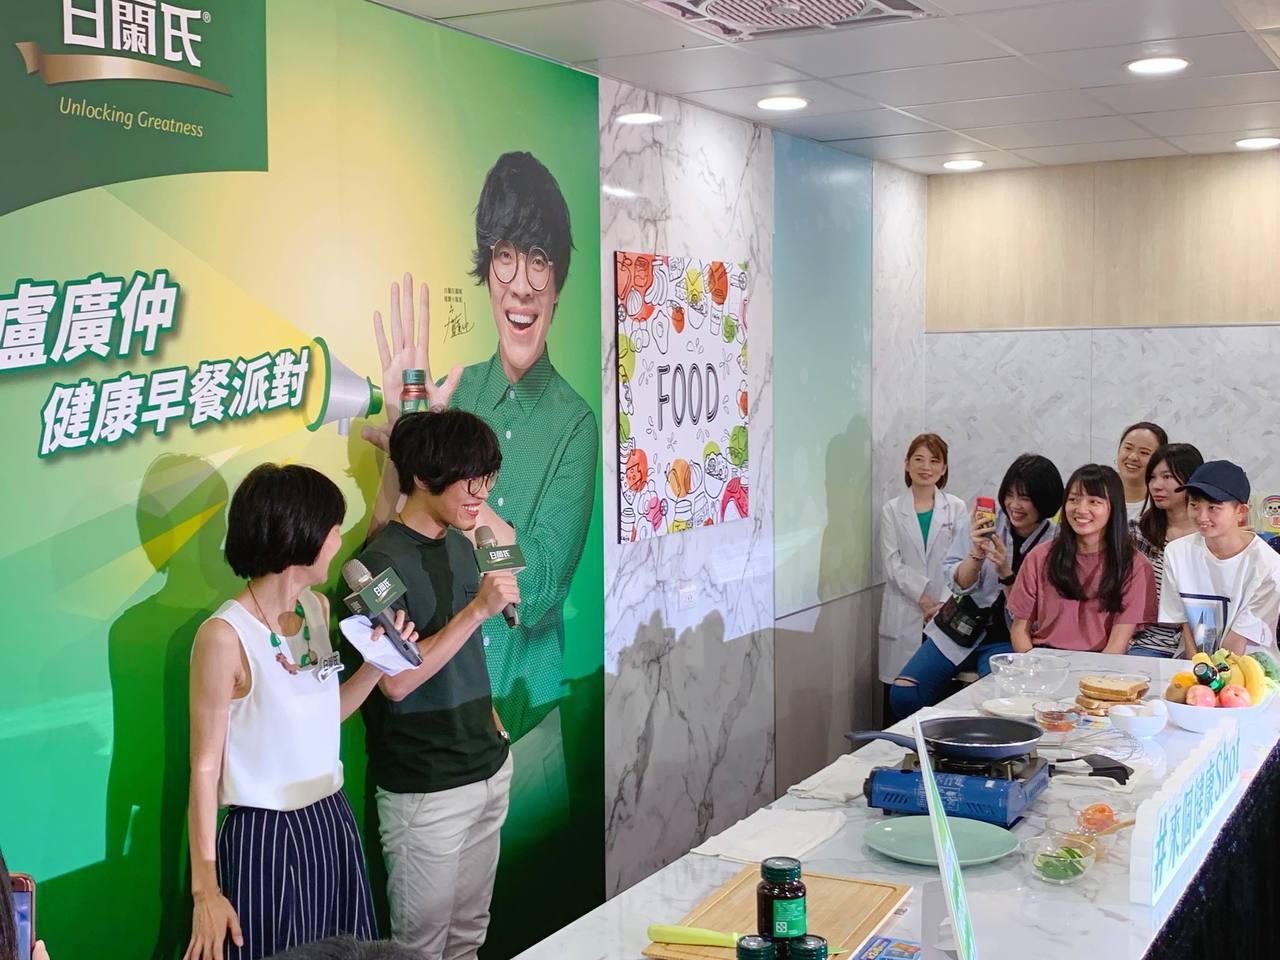 盧廣仲化身小隊長,為消費者健康把關。記者徐力剛╱攝影